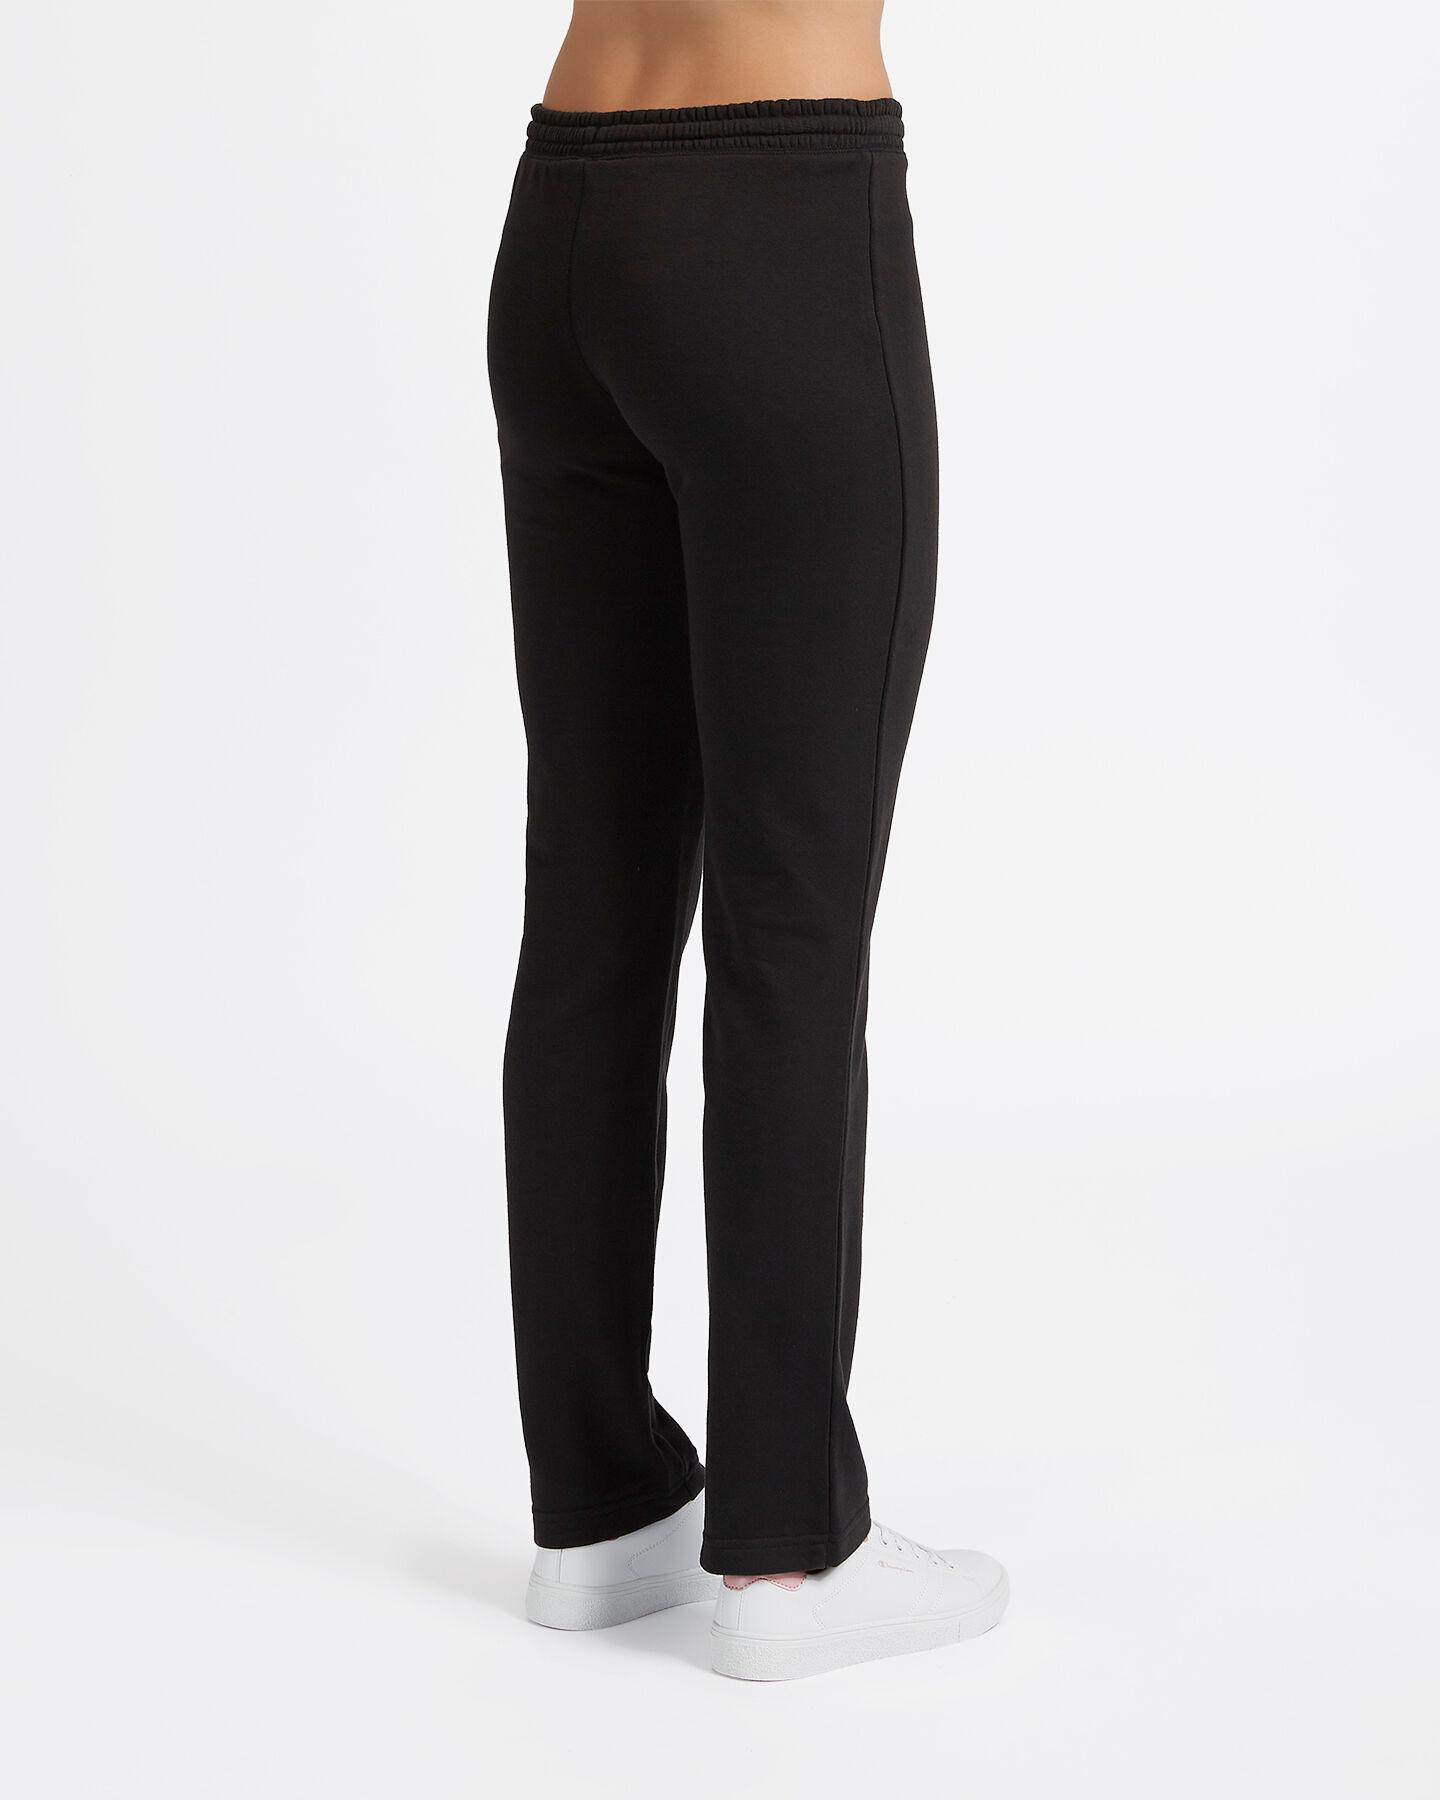 Pantalone ABC EMMA W S4011205 scatto 1